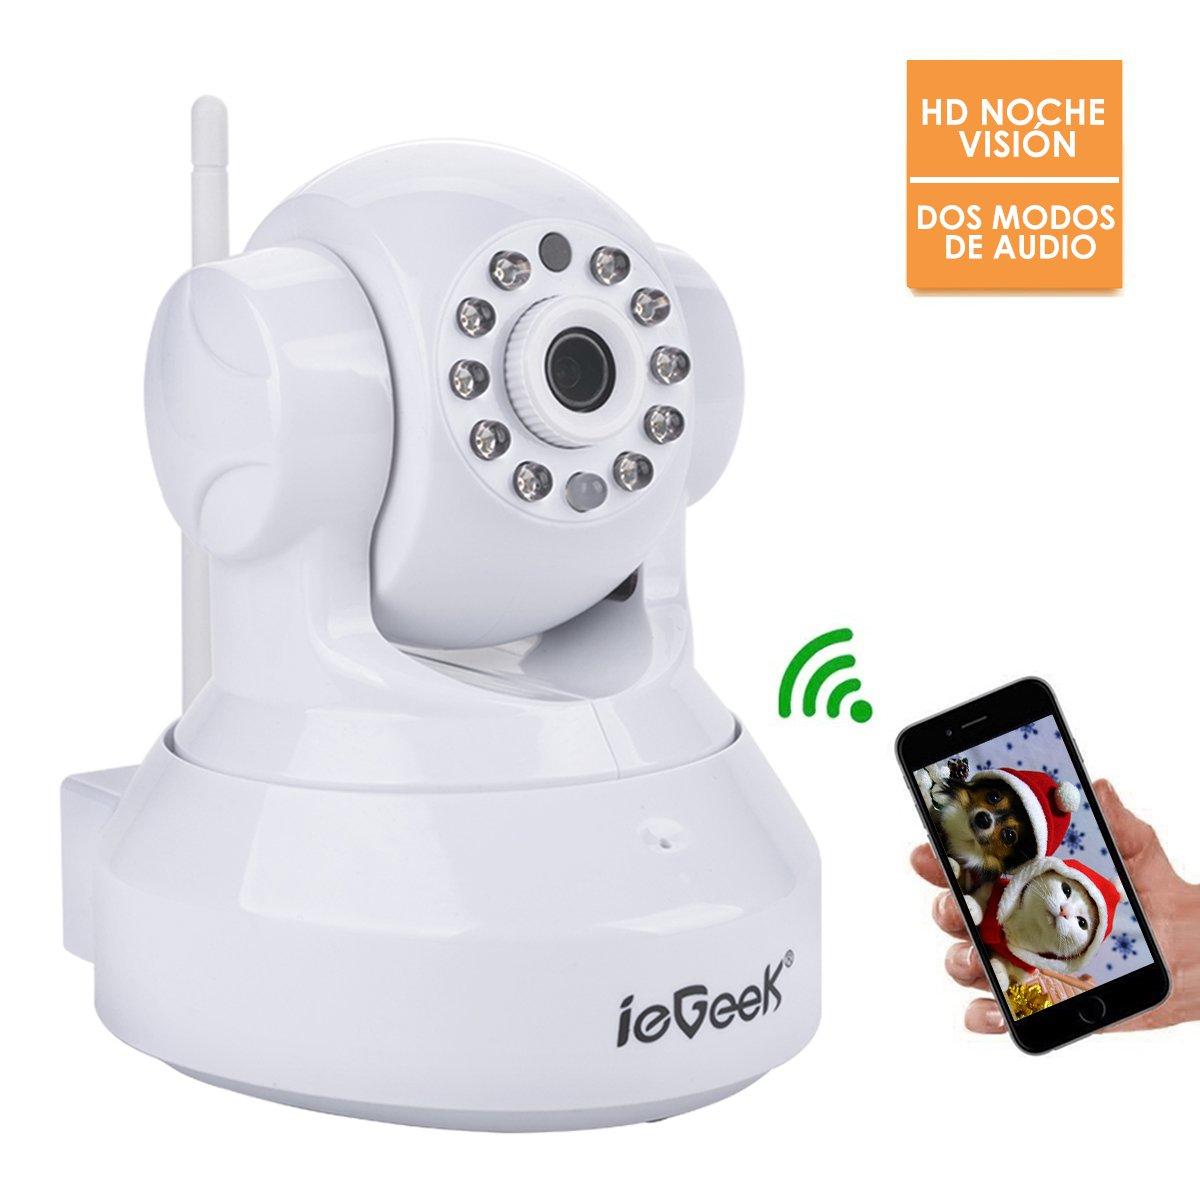 ieGeek Cámara de Seguridad inalámbrica WiFi,720P cámara IP con Audio bidireccional,Visión nocturna,ranura de tarjeta de memoria,Cámara de vigilancia para ...